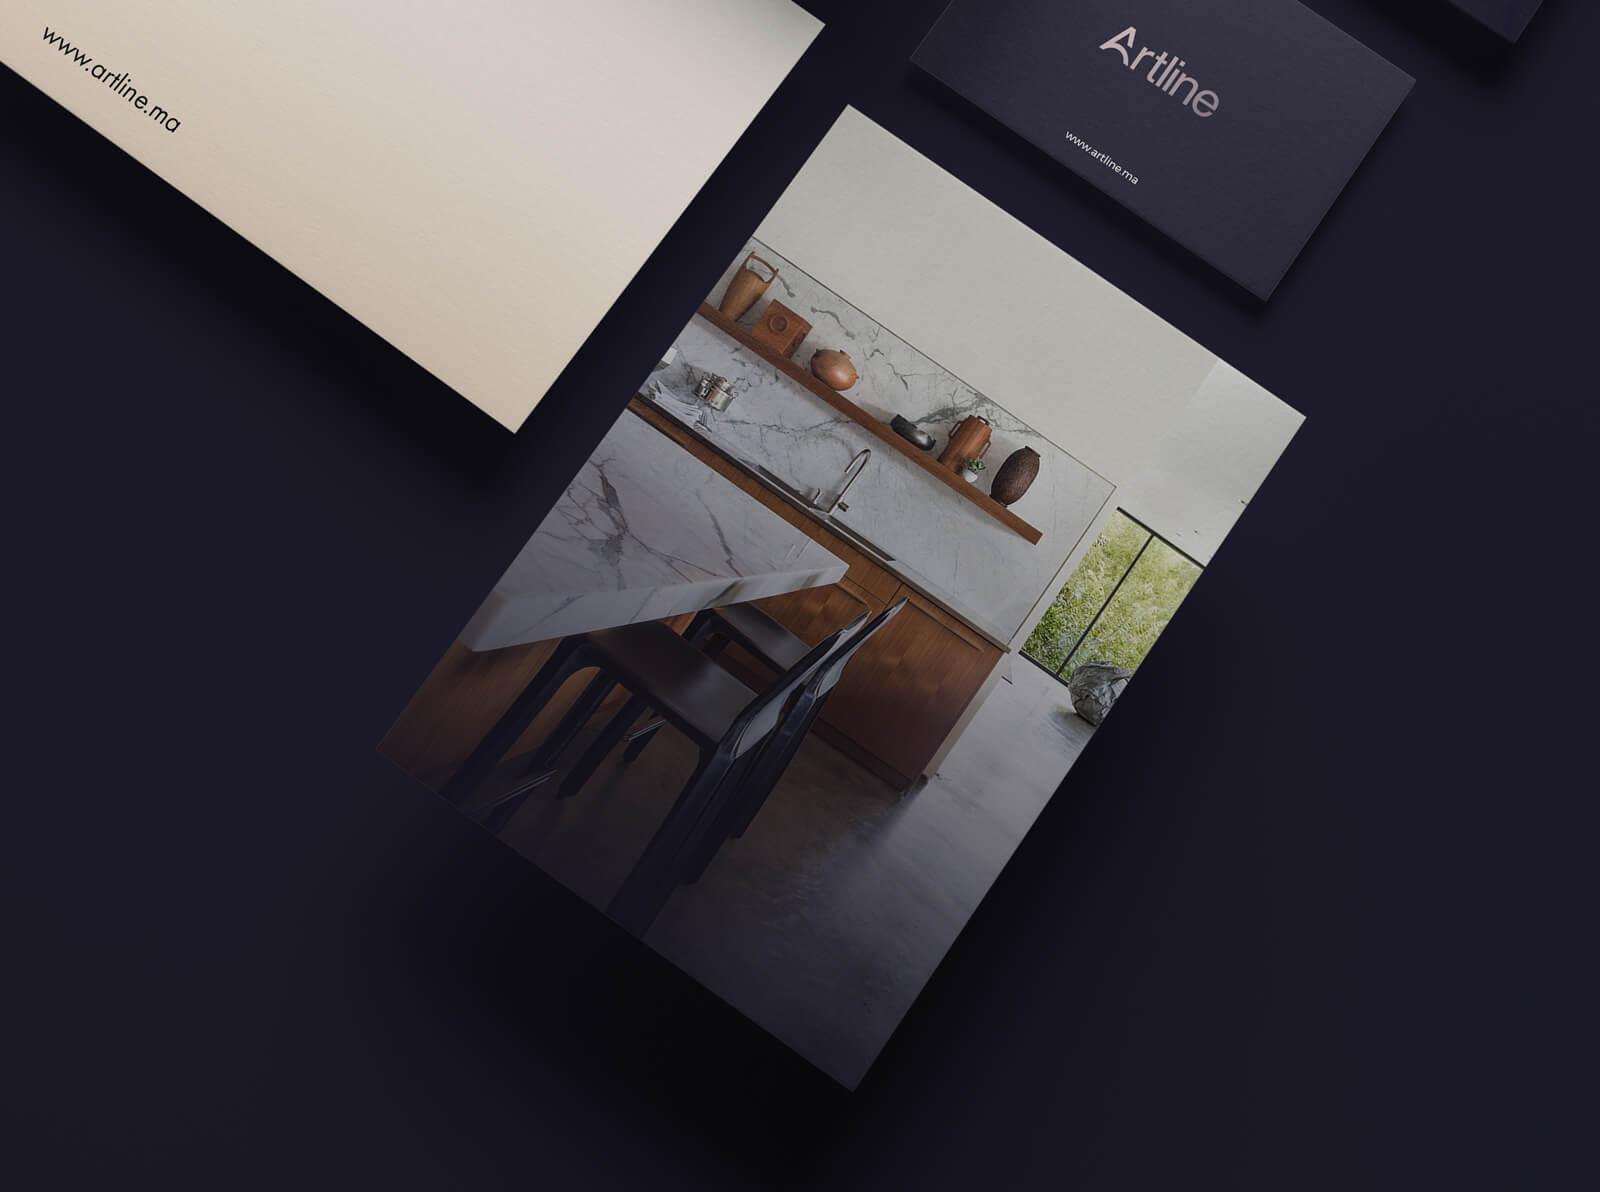 identité visuelle intérieur design identité visuelle intérieur Identité Artline intérieur art63